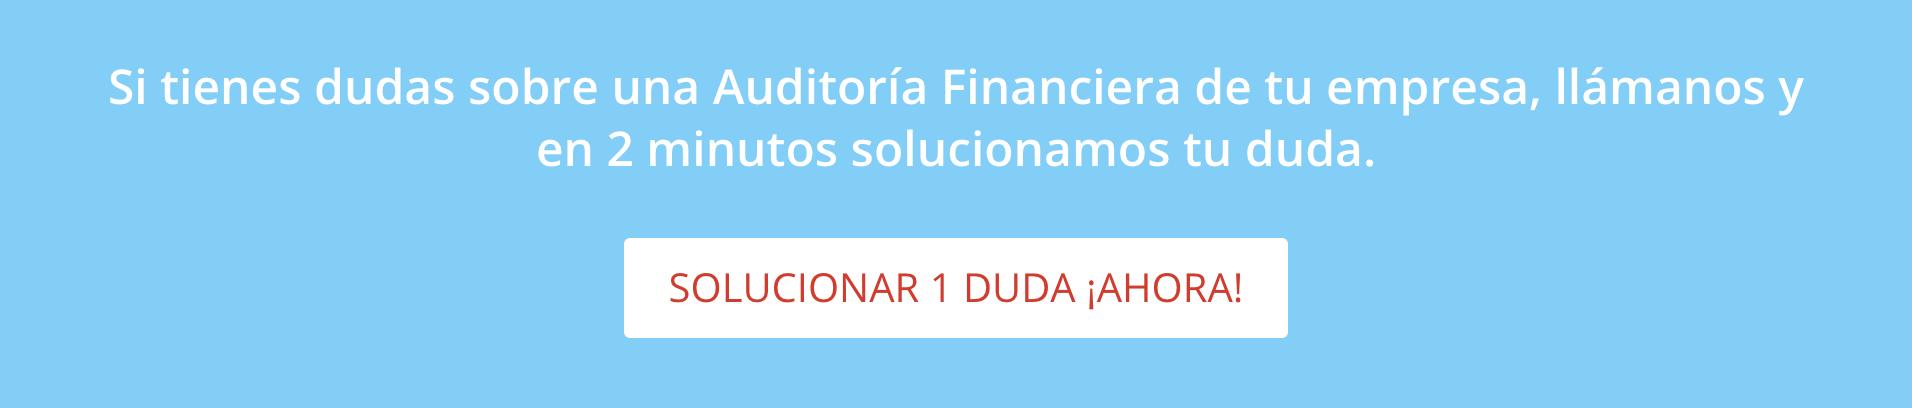 CTA-duda-auditoria-financiera